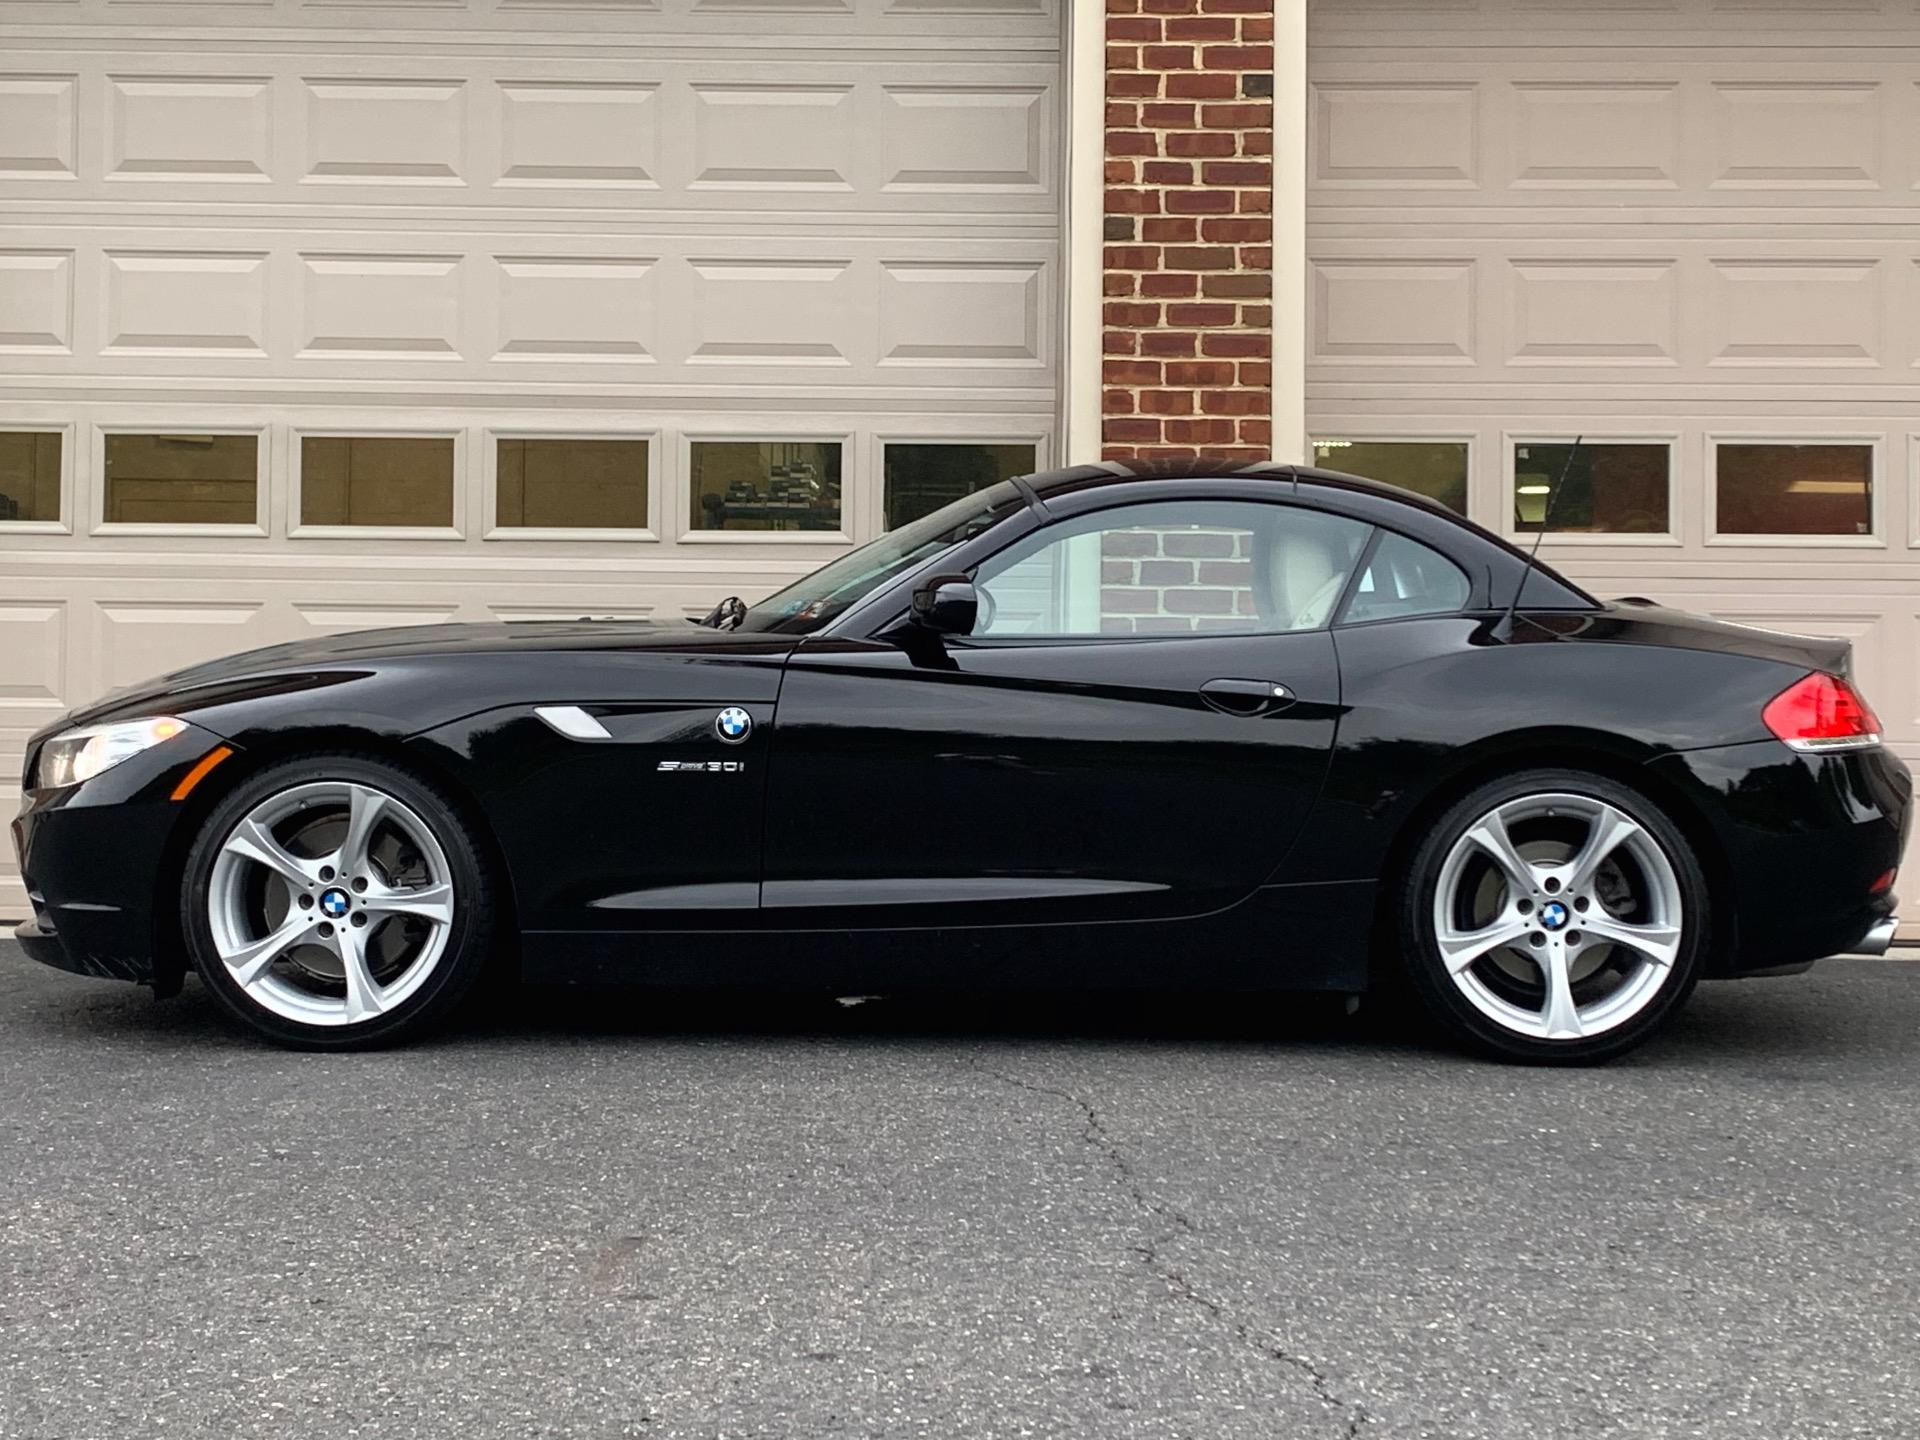 Used-2011-BMW-Z4-sDrive30i-Sport-Premium